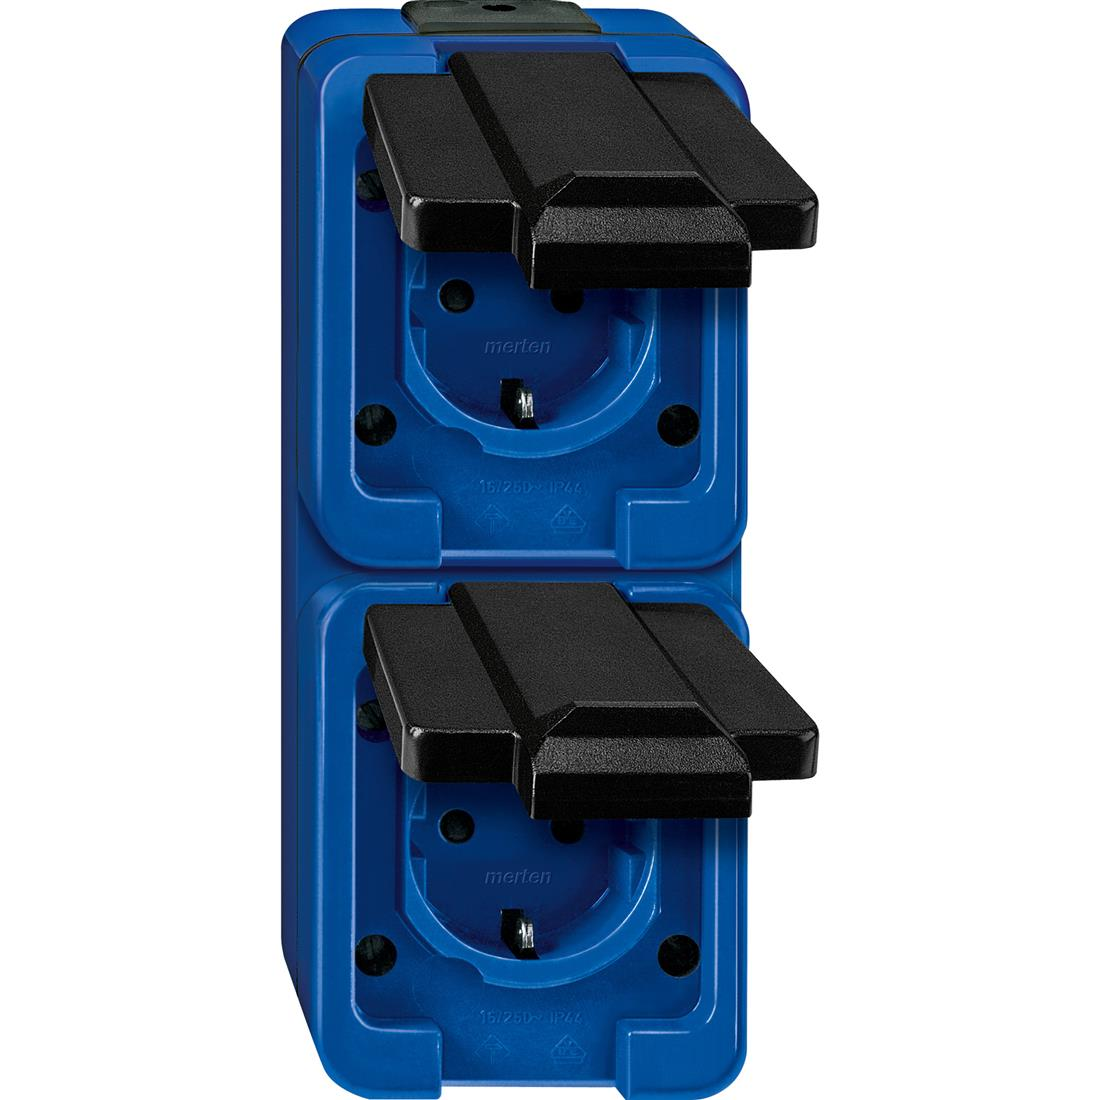 Schneider-Merten Slagvast 2-voudig wandcontactdoos verticaal - blauw (229286)